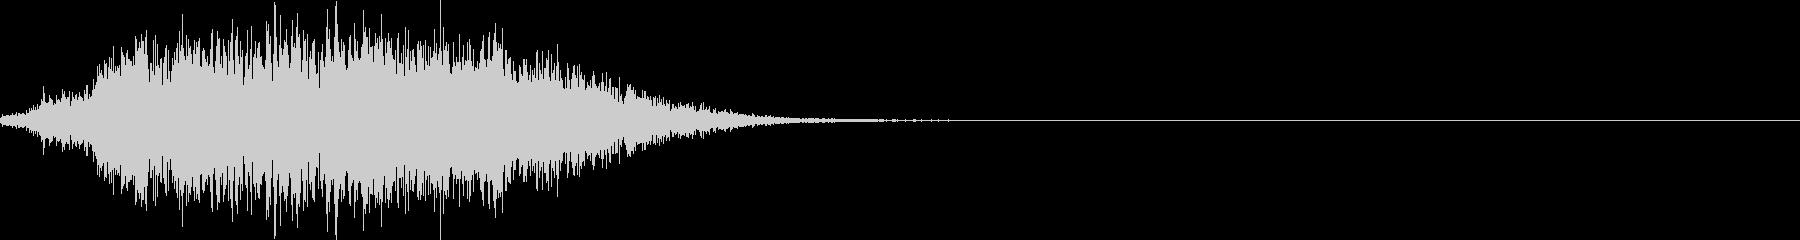 グシャ!刀や剣の斬撃音 11の未再生の波形